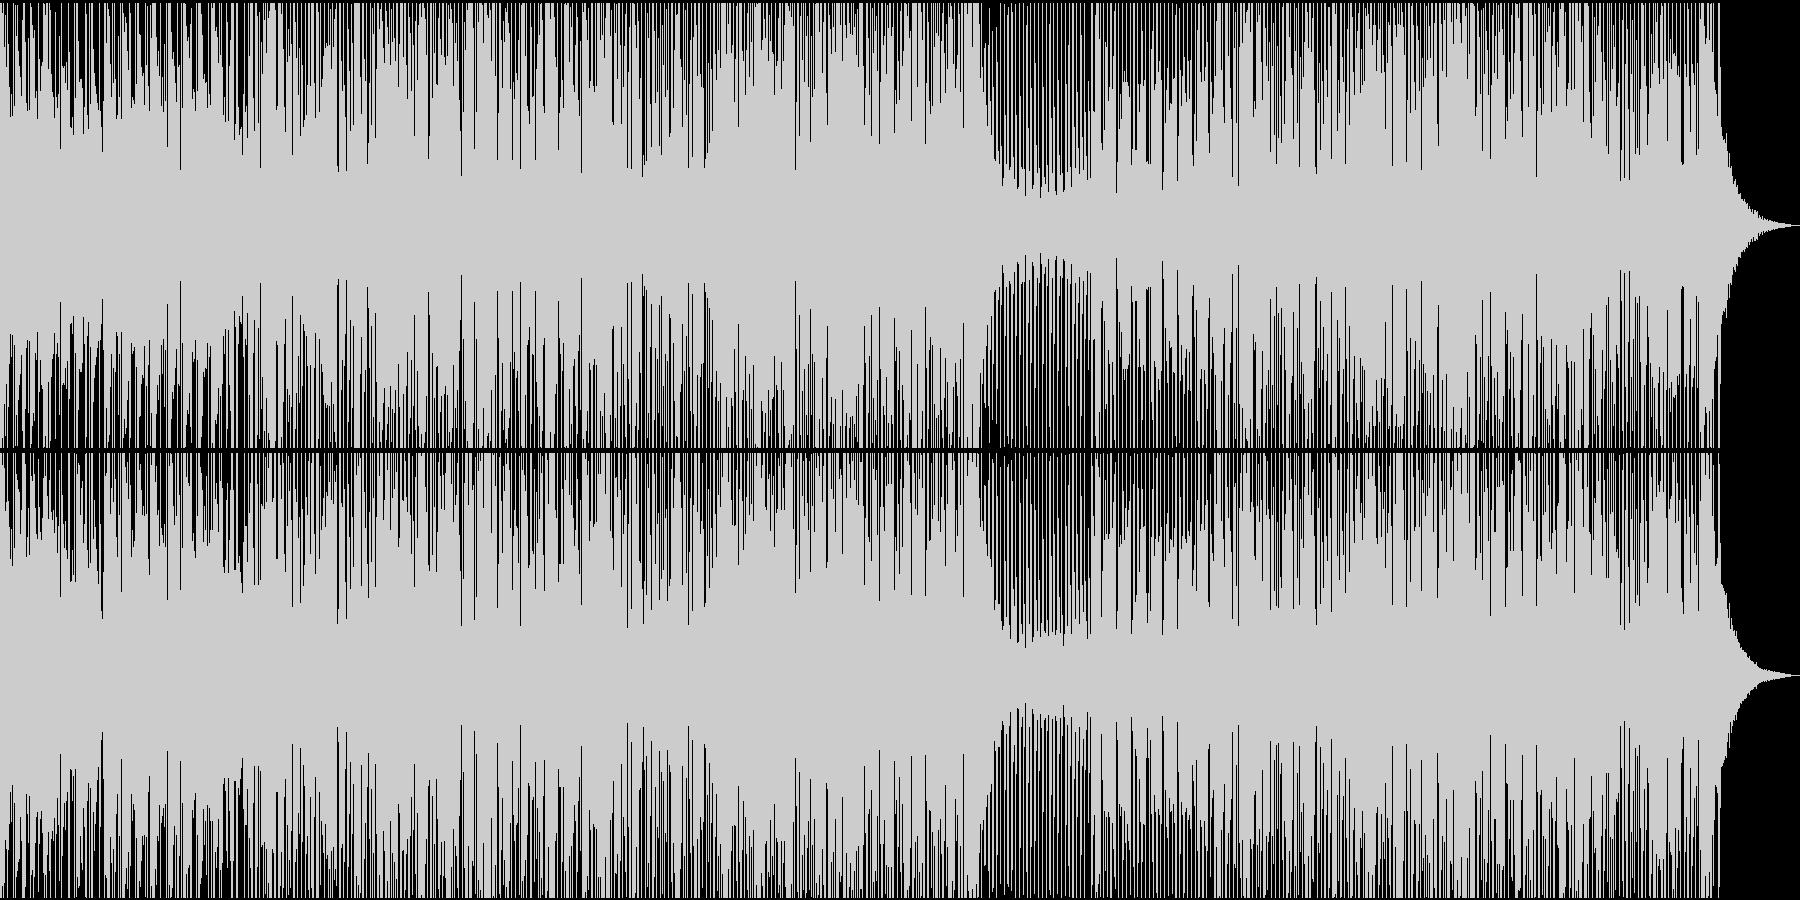 ブラスセクションをフィーチャーした...の未再生の波形